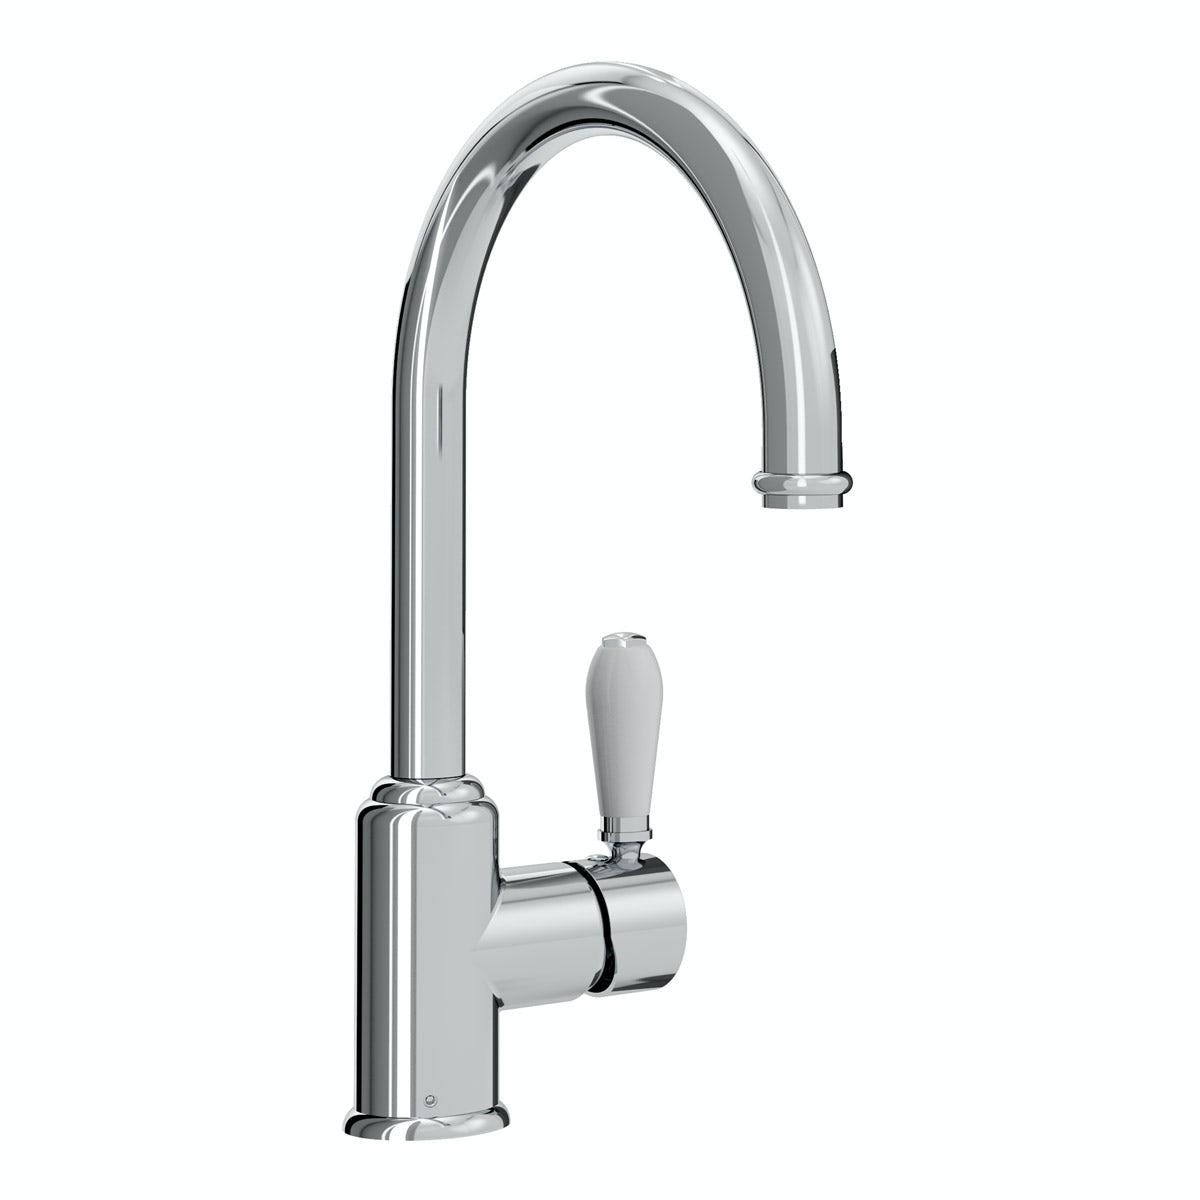 Bristan Renaissance Easyfit single lever kitchen tap